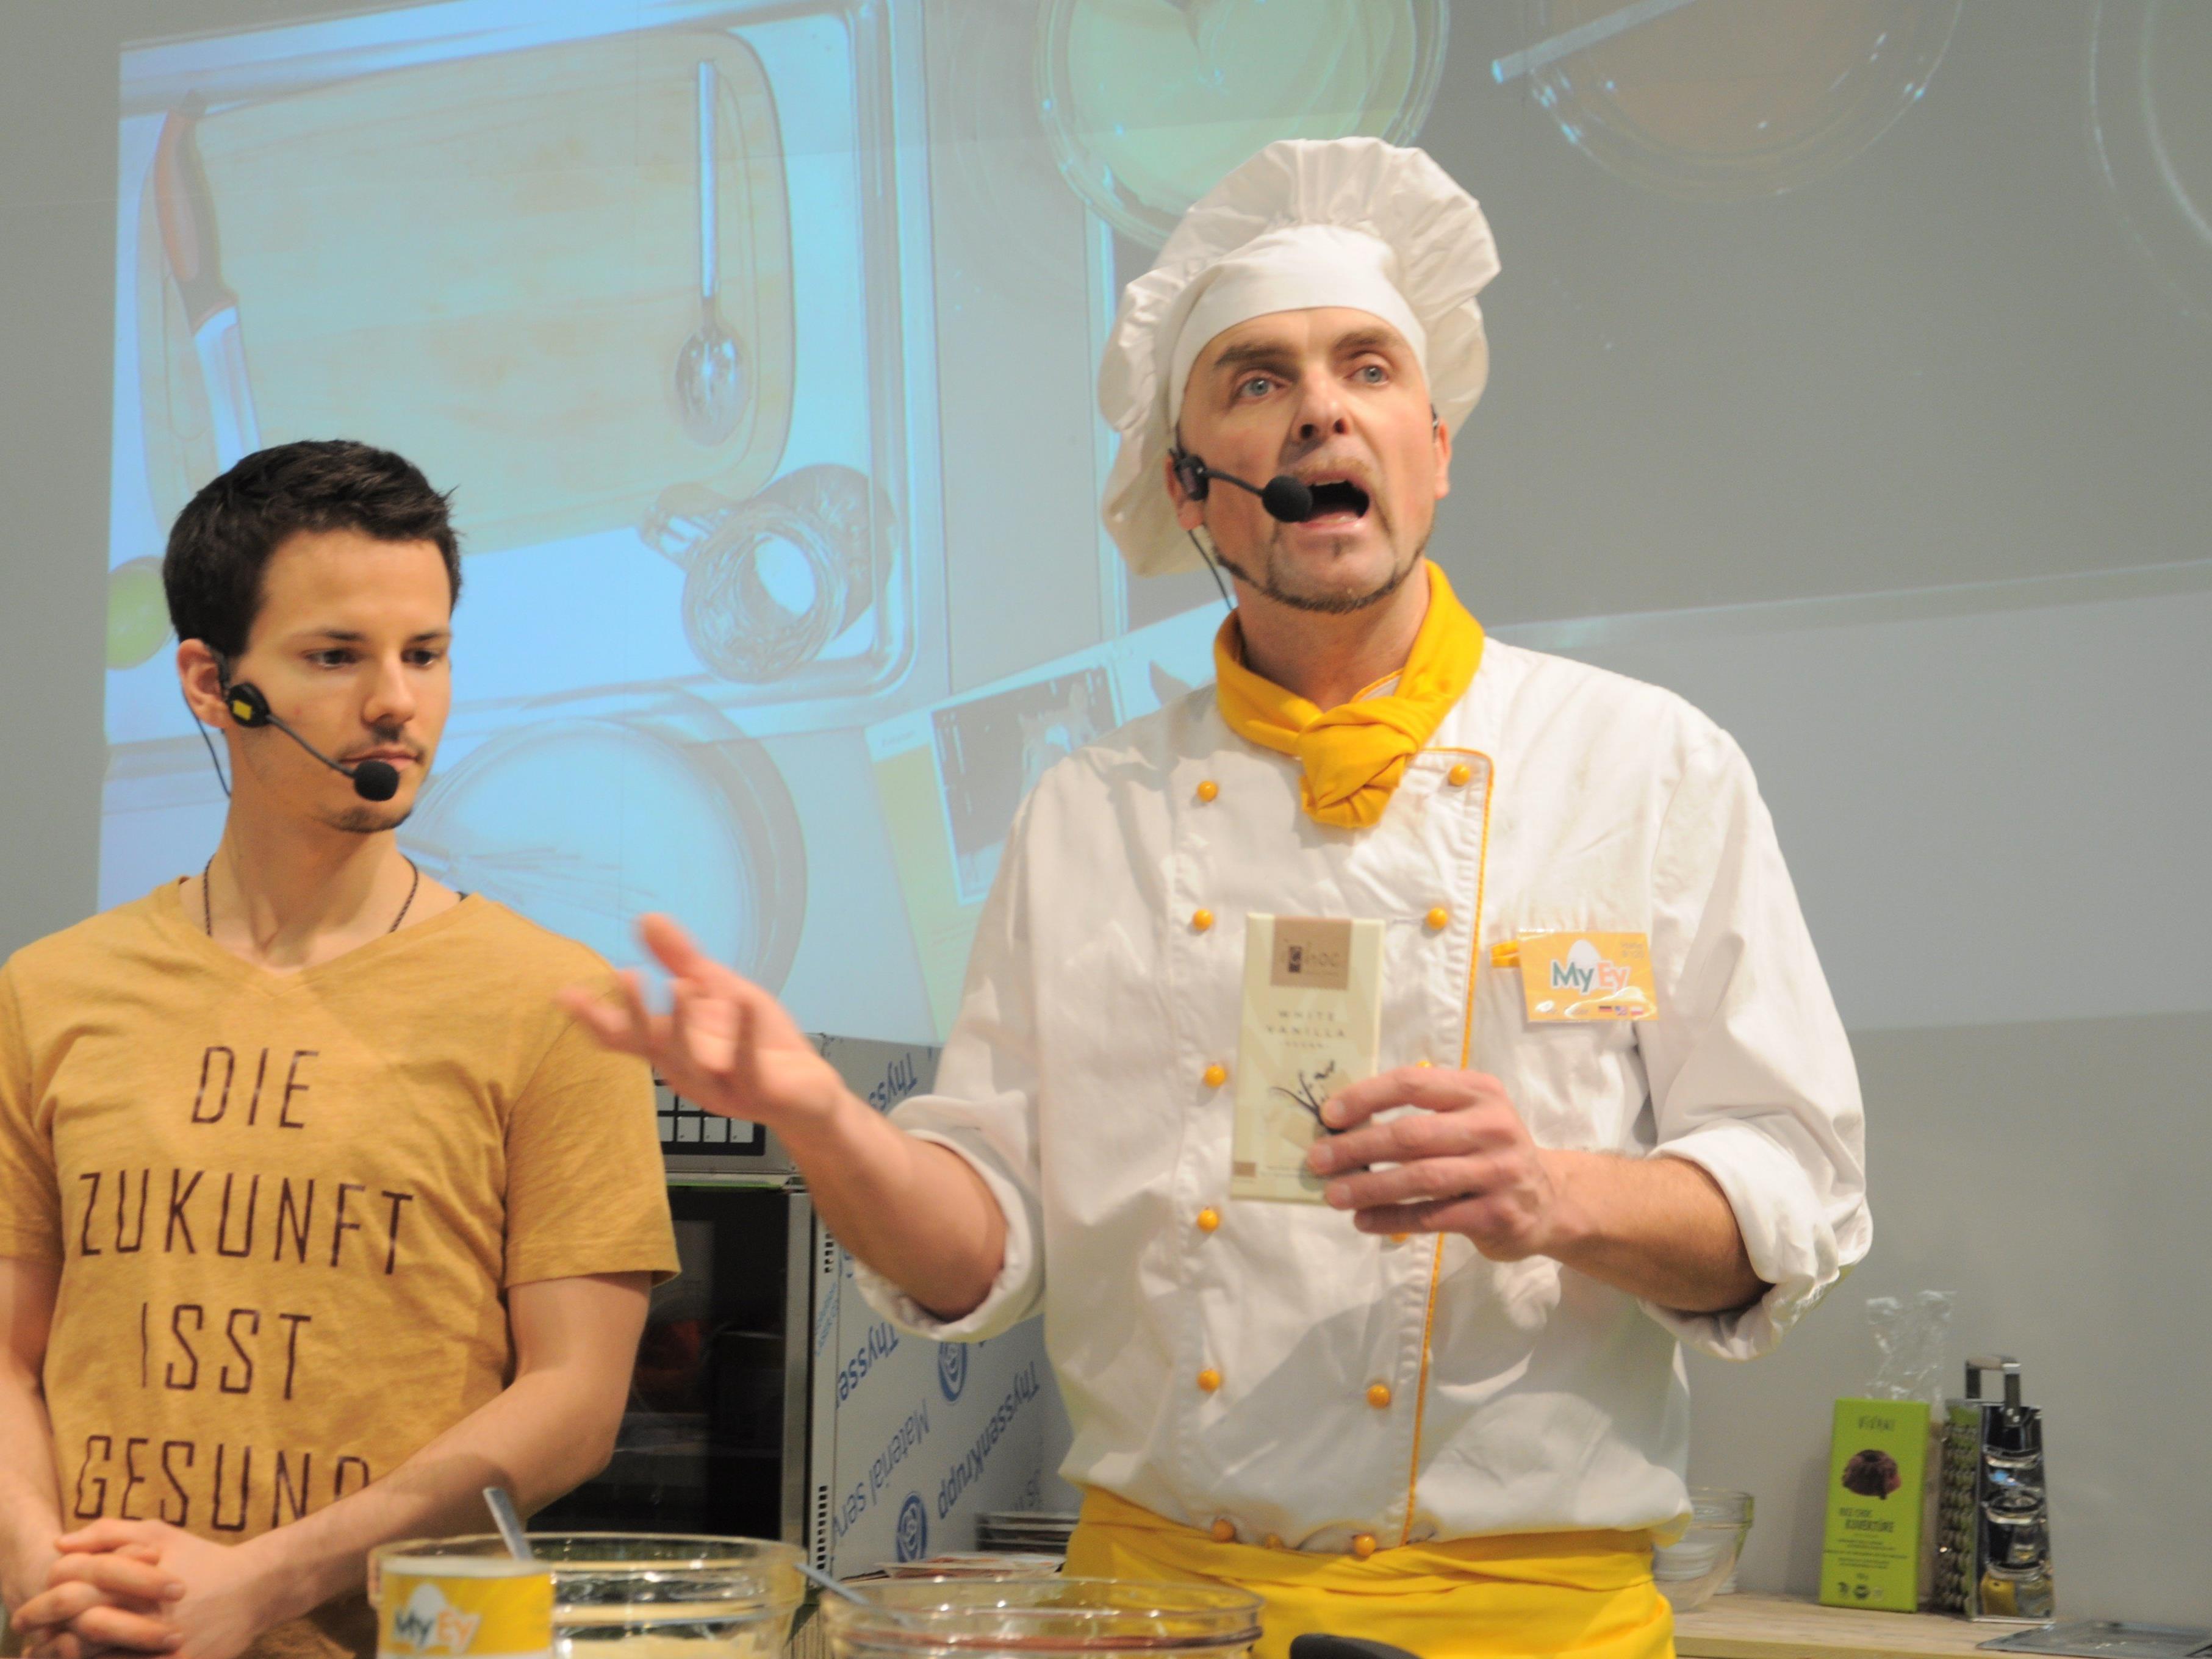 Niko Rittenau (l.) und Chris Geiser von MyEy bei einer der zahlreichen Kochshows in der Vegan-Halle.